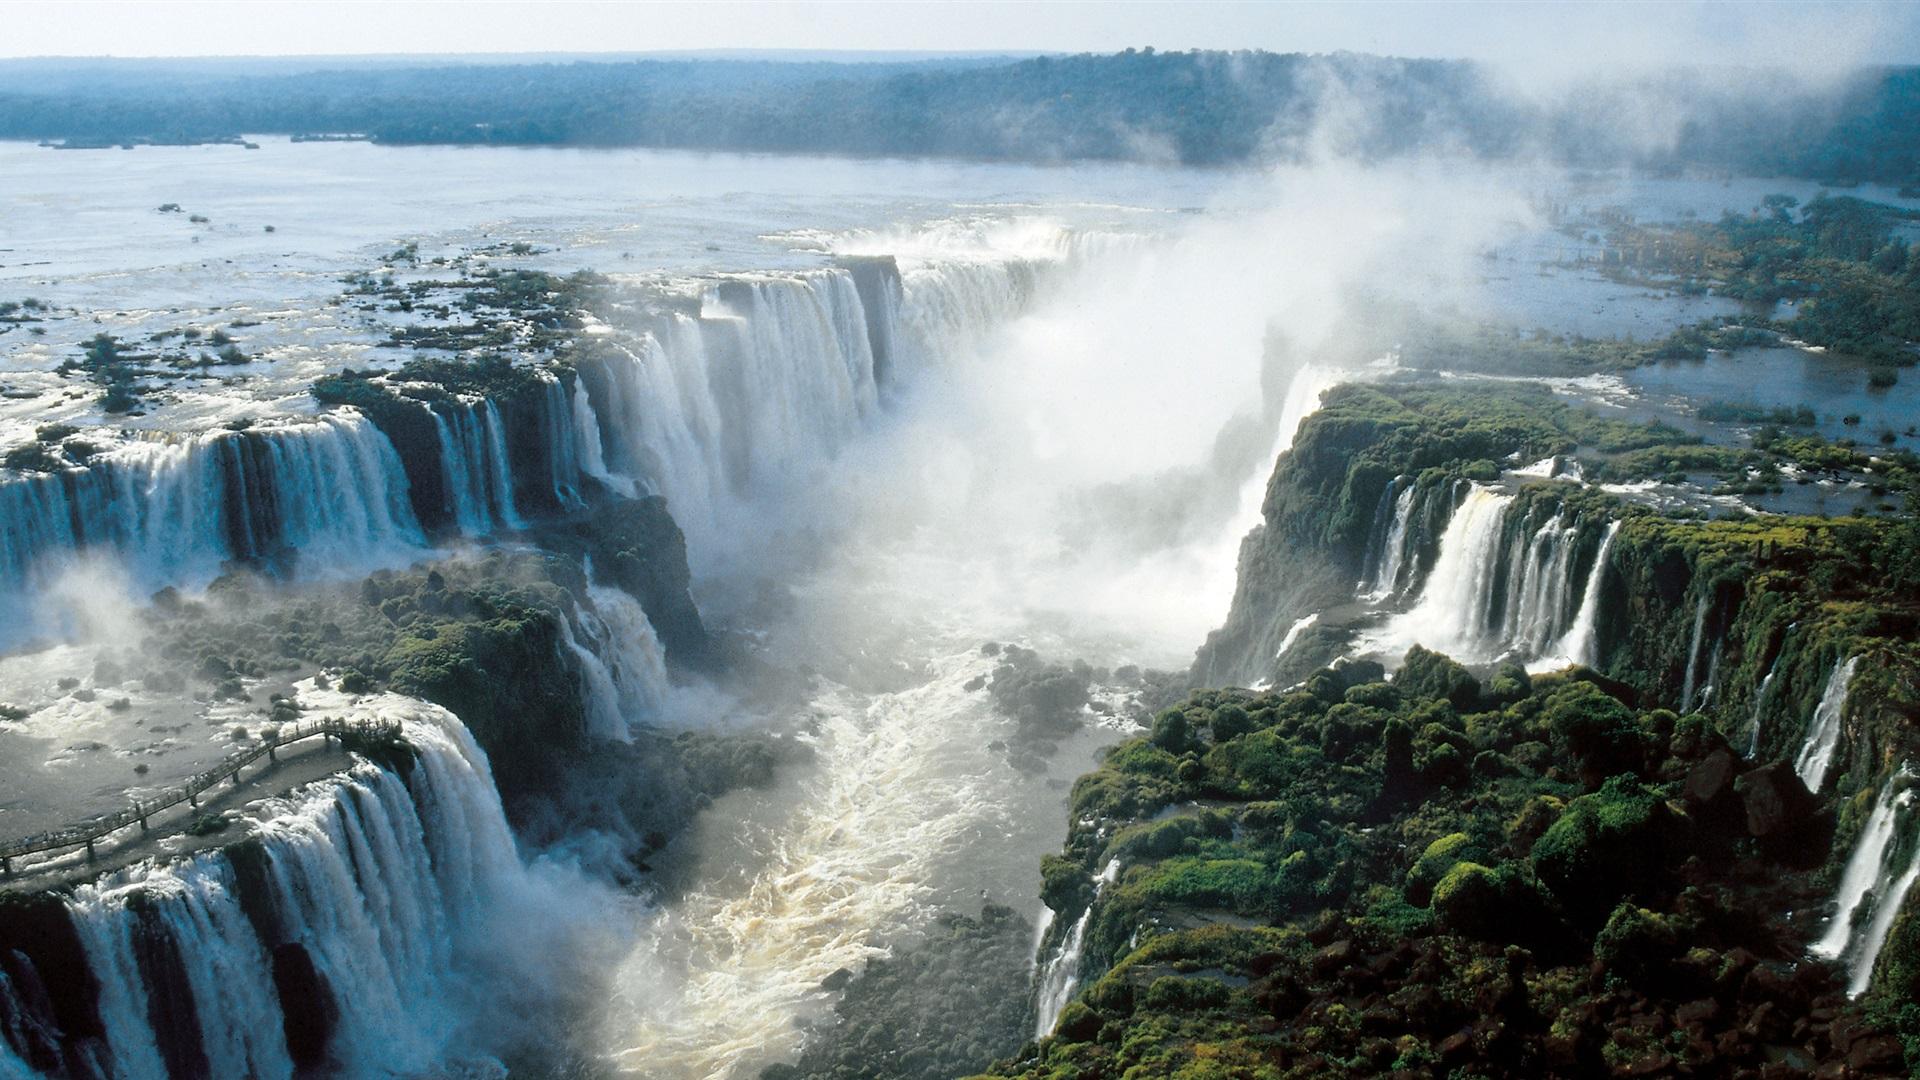 Na imagem, temos as cataratas do Iguaçu. São quedas d'água gigantescas.